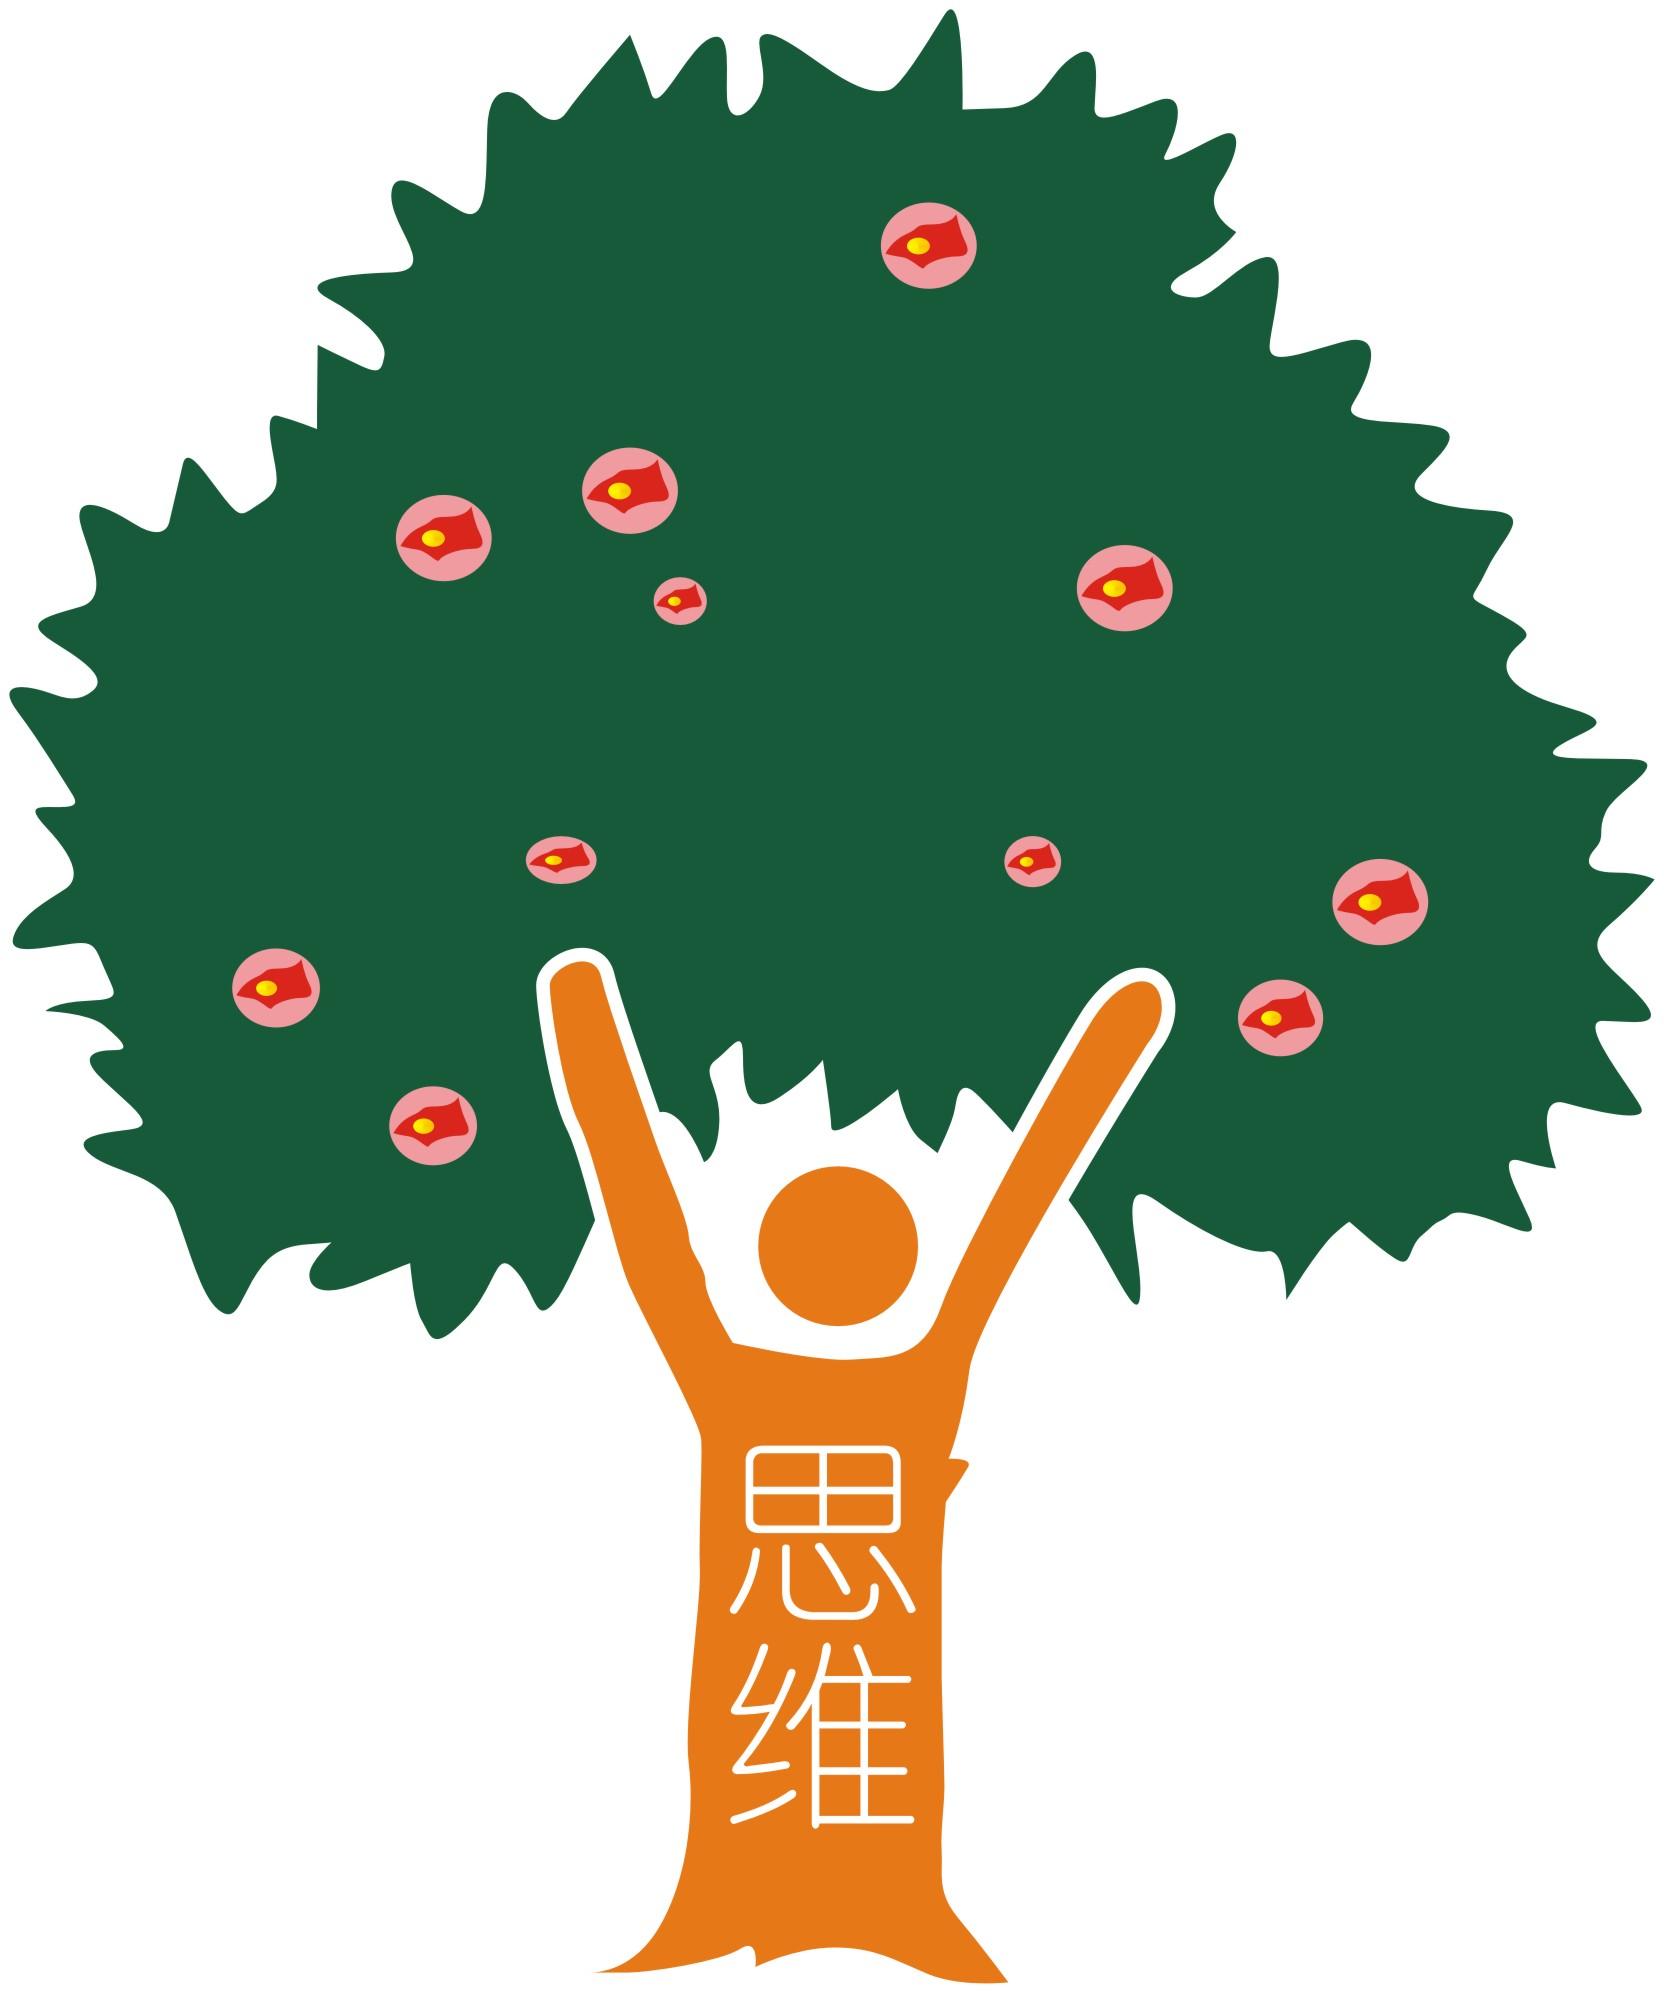 龙岩市智慧树儿童思维培训学校